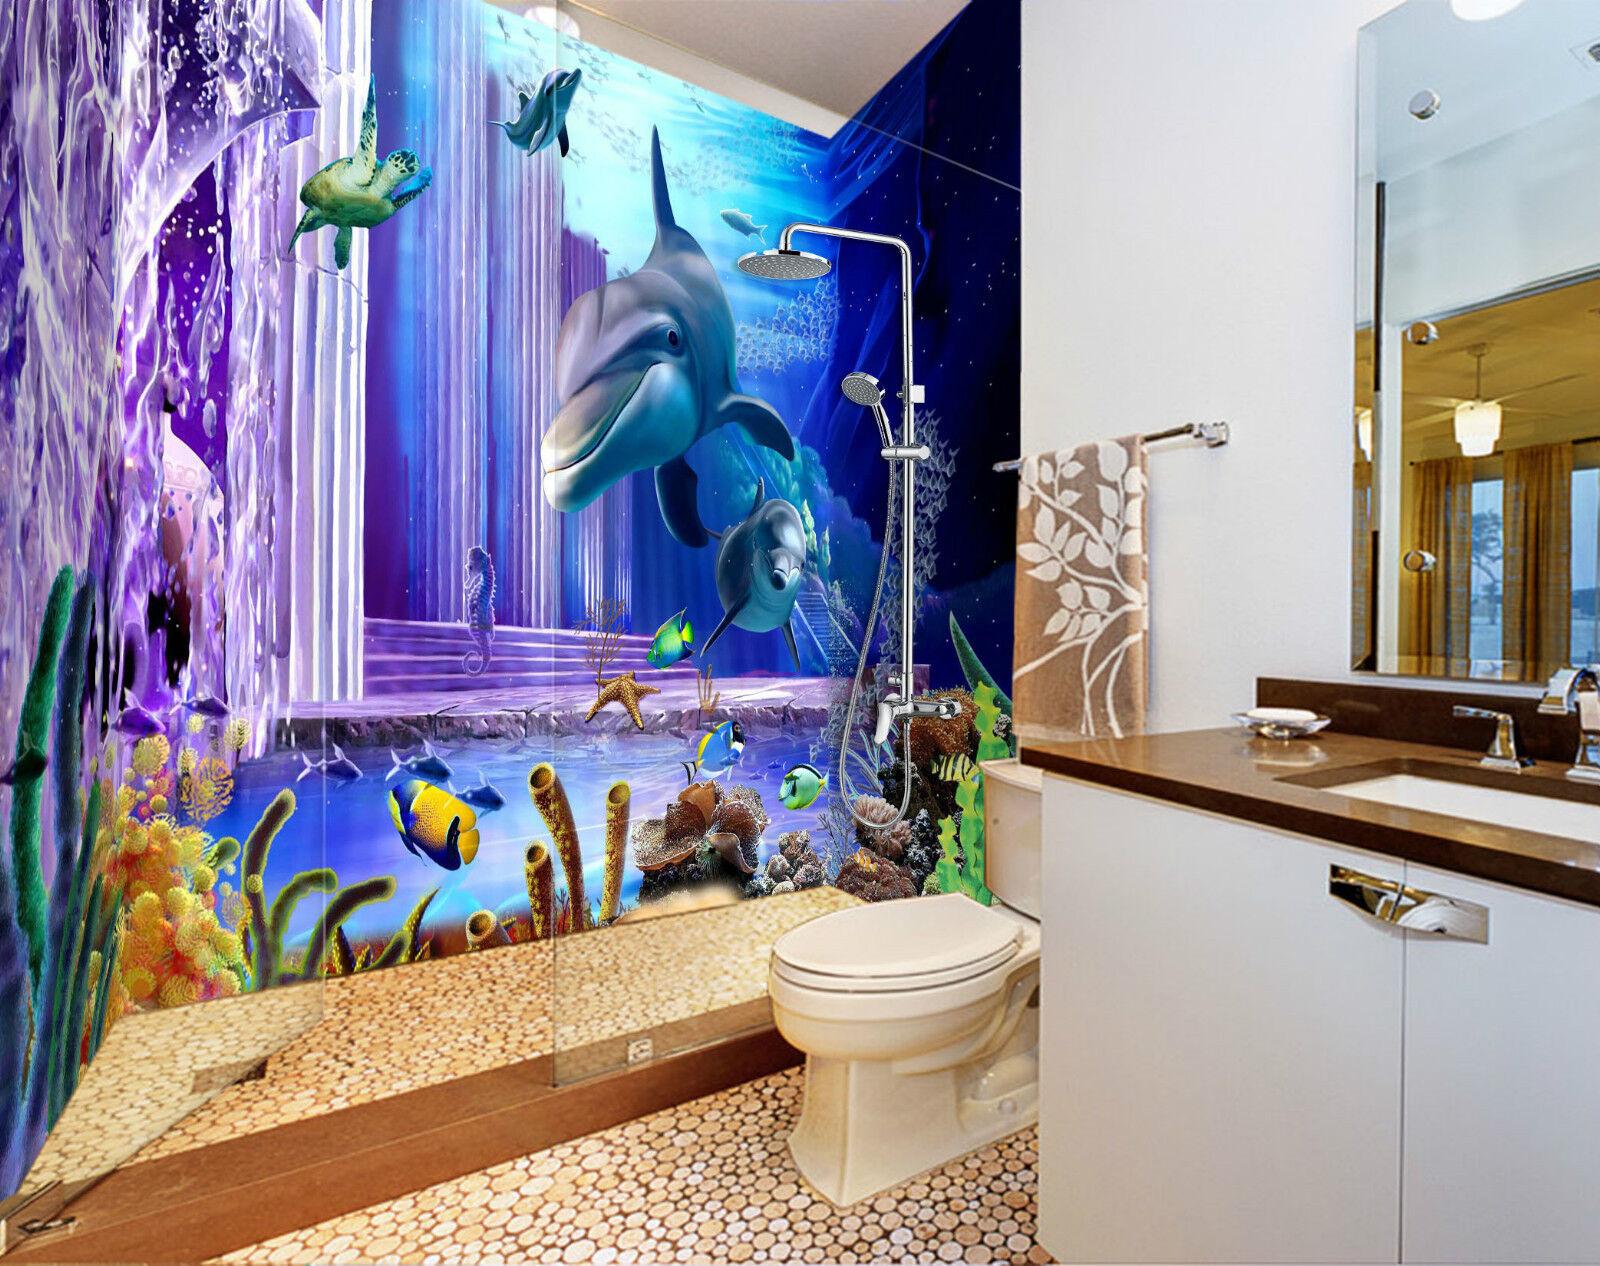 3D Ocean Dolphins 094 WallPaper Bathroom Print Decal Wall Deco AJ WALLPAPER CA